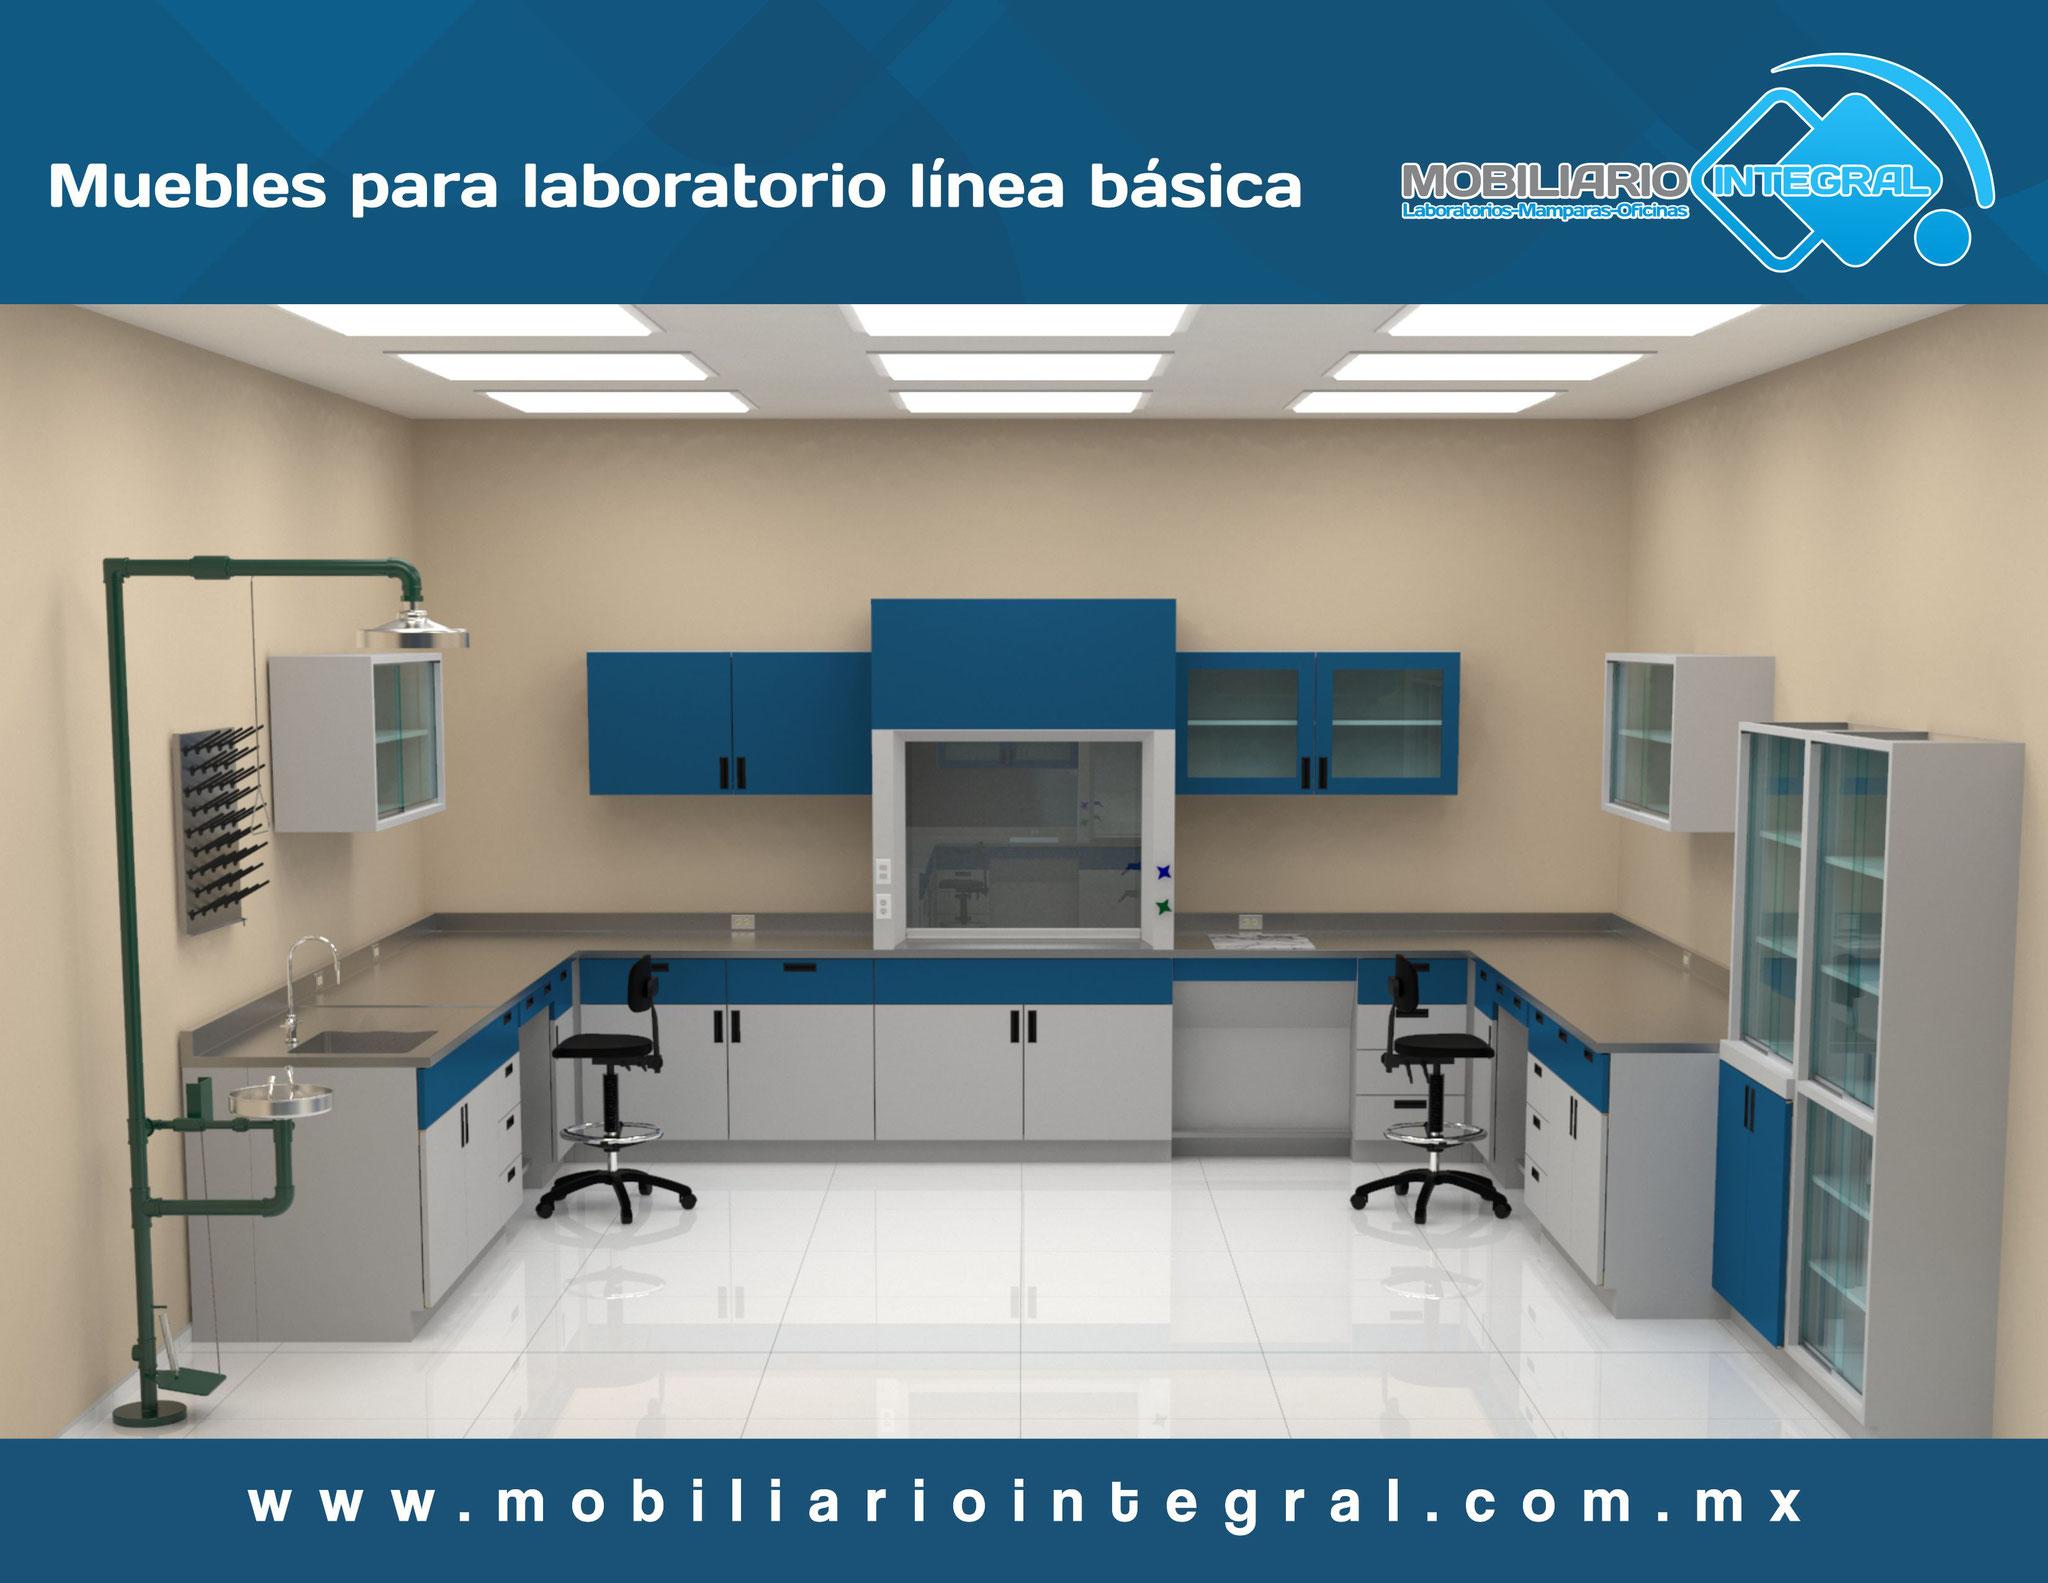 Muebles para laboratorio en Aguascalientes